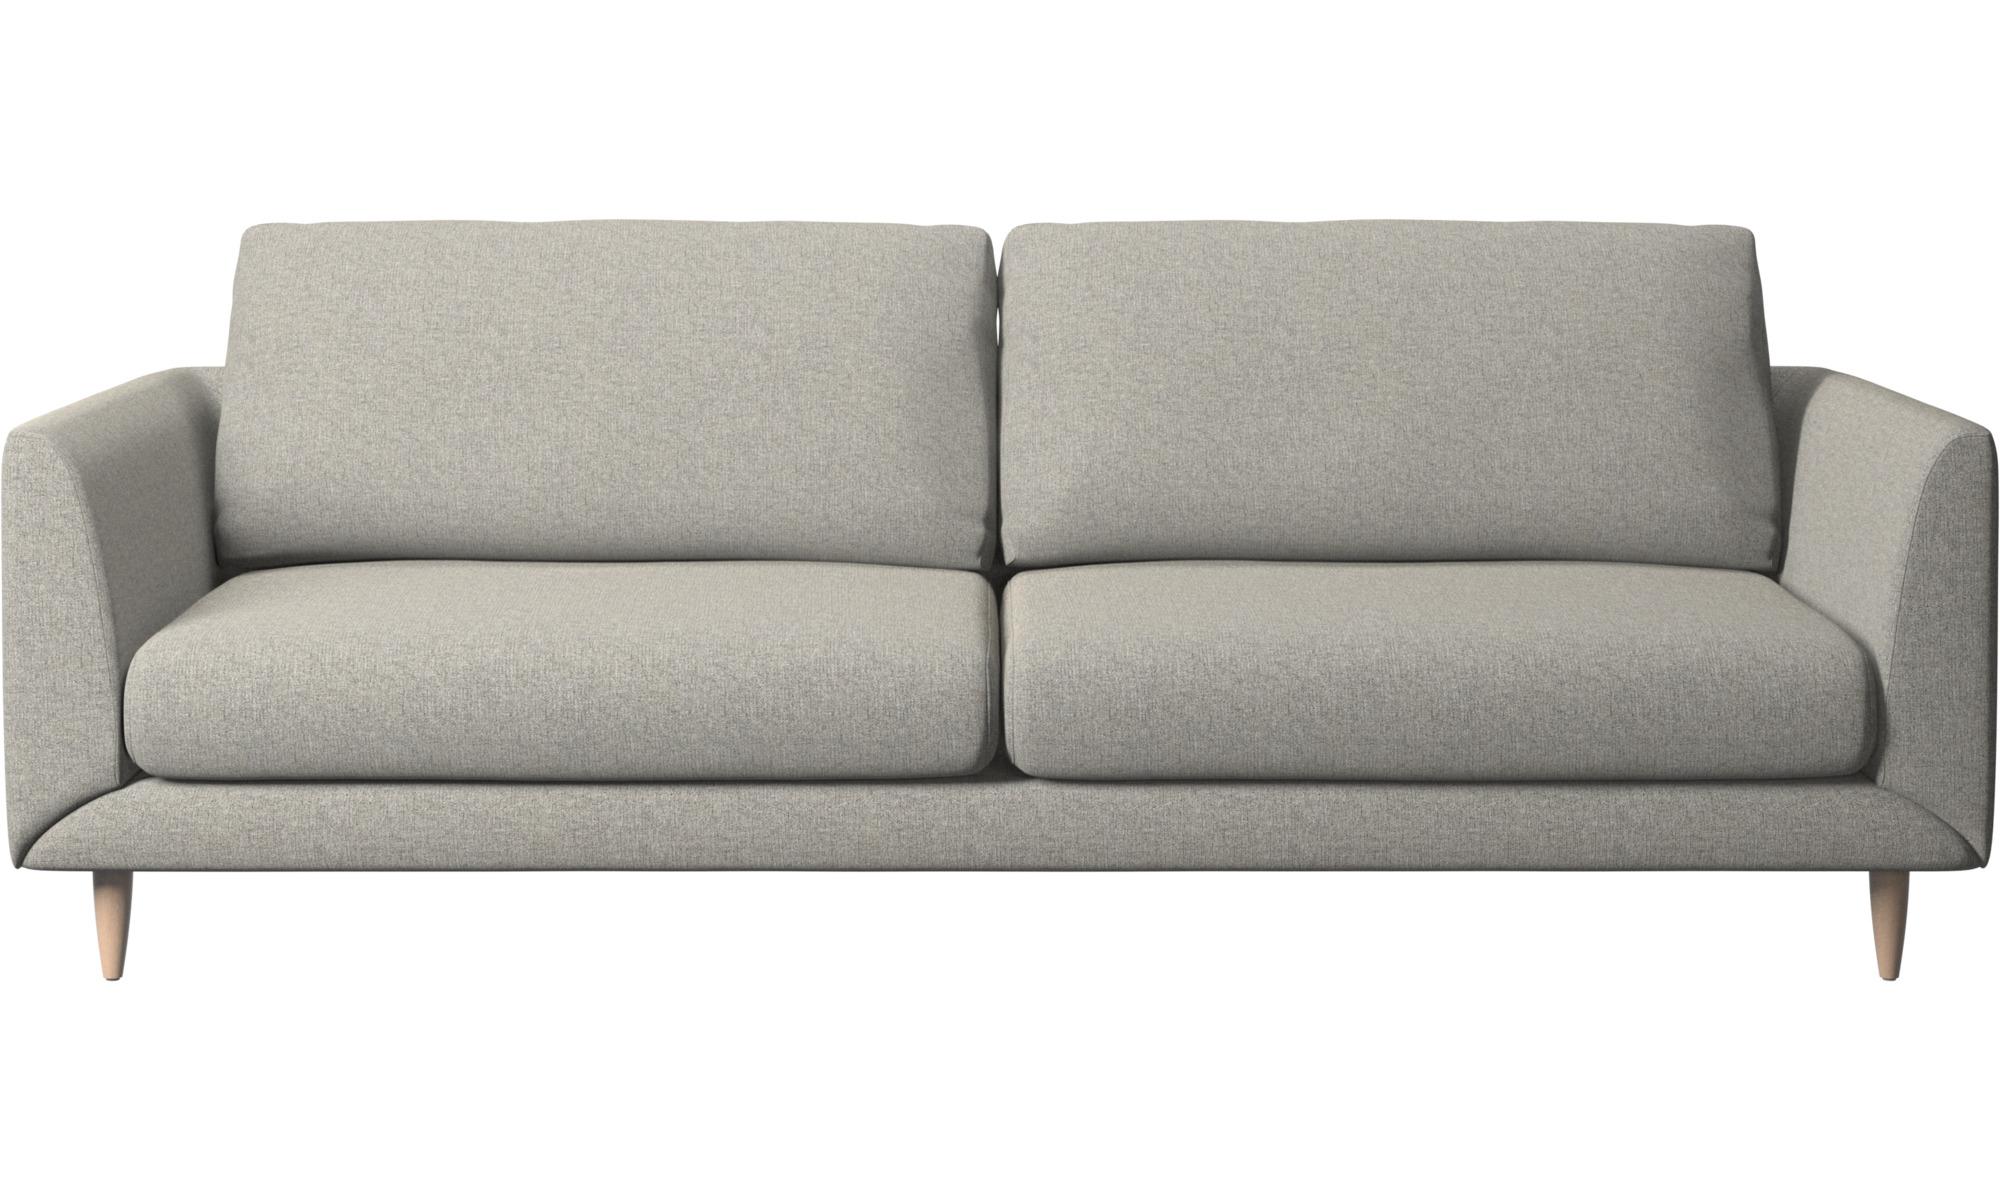 Full Size of 3 Sitzer Sofa Und 2 Sessel Leder Ikea Ektorp Couch Mit Schlaffunktion Nockeby Grau Roller Poco Bettkasten Sofas Fargo Boconcept Relaxfunktion Regal 30 Cm Breit Sofa 3 Sitzer Sofa